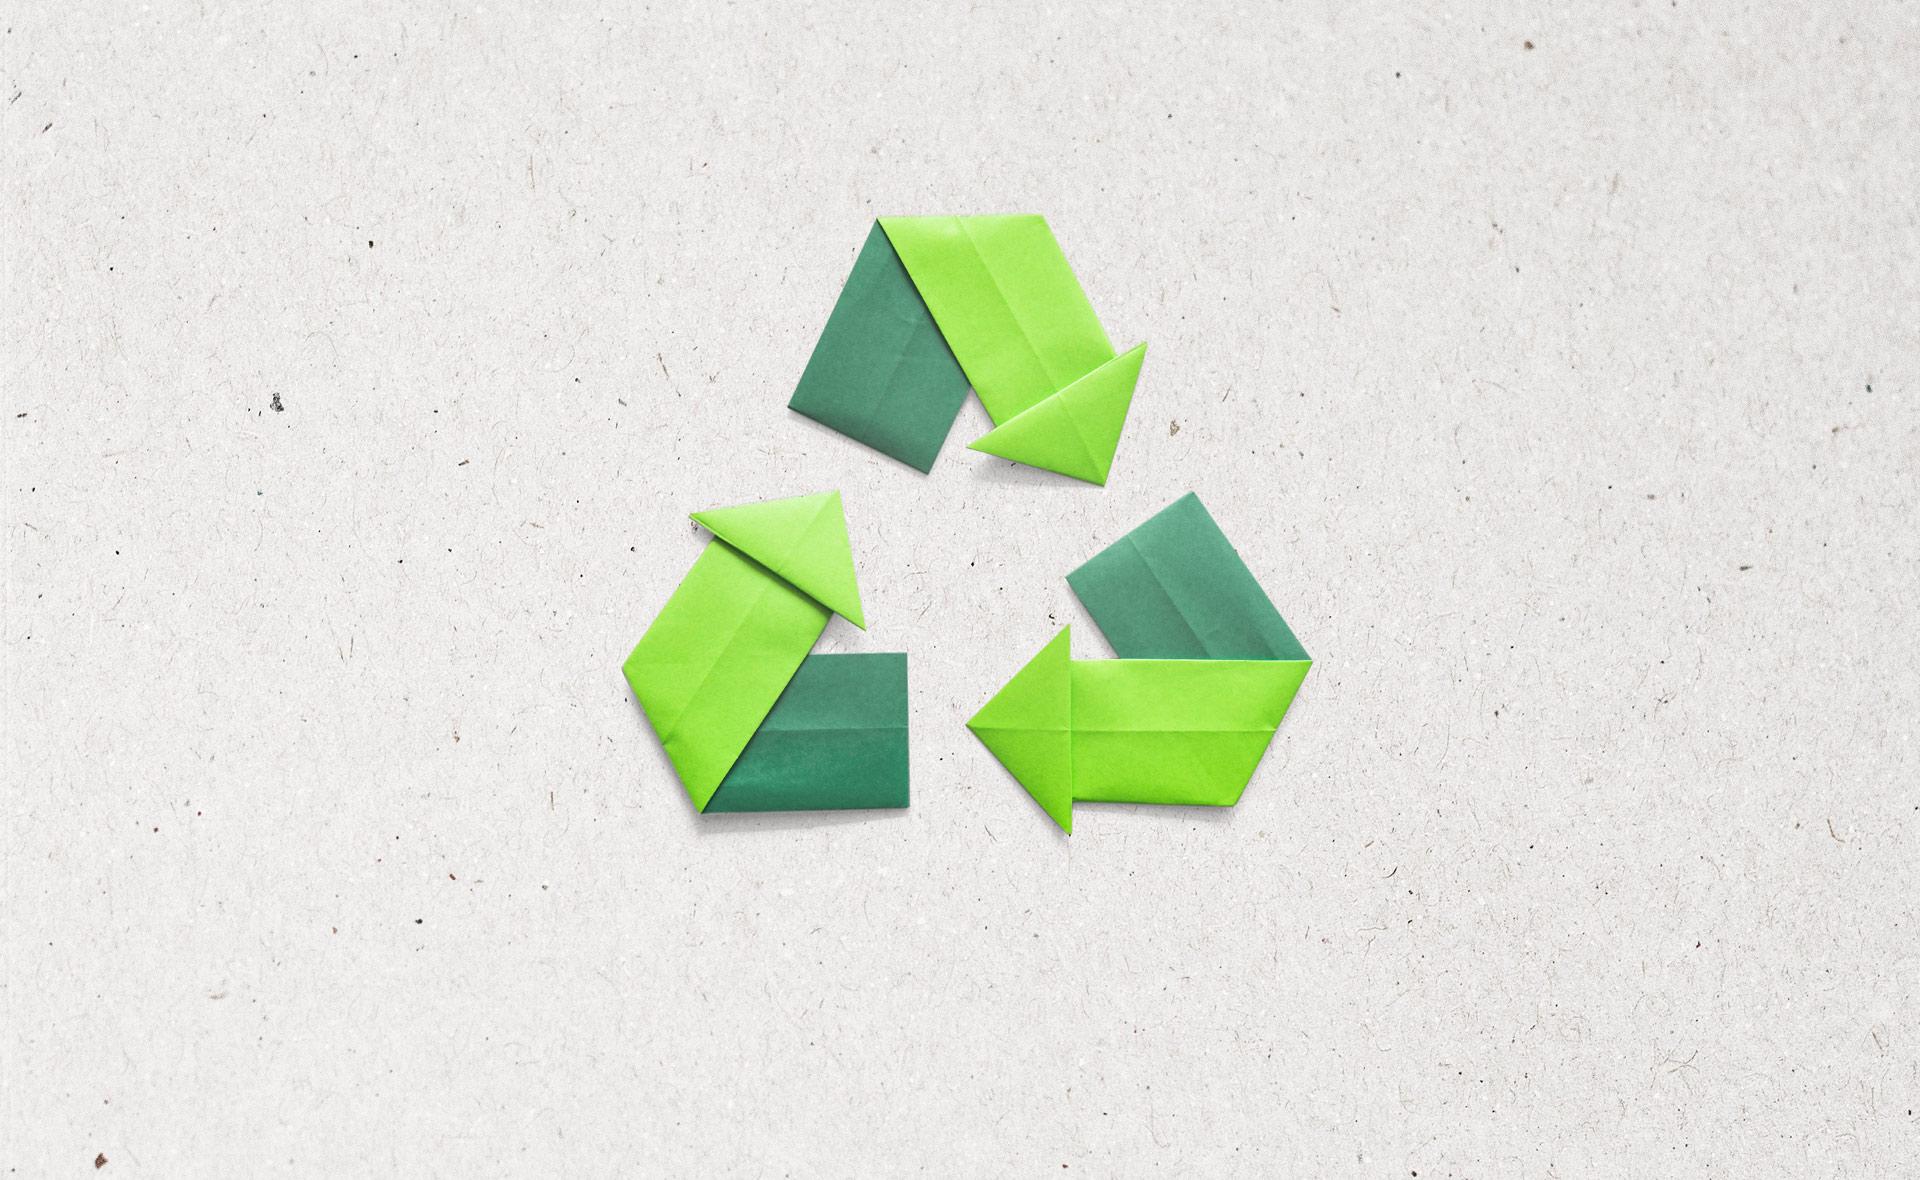 BBVA-sostenibilidad-planeta-economia-circular-reciclaje-papel-apertura